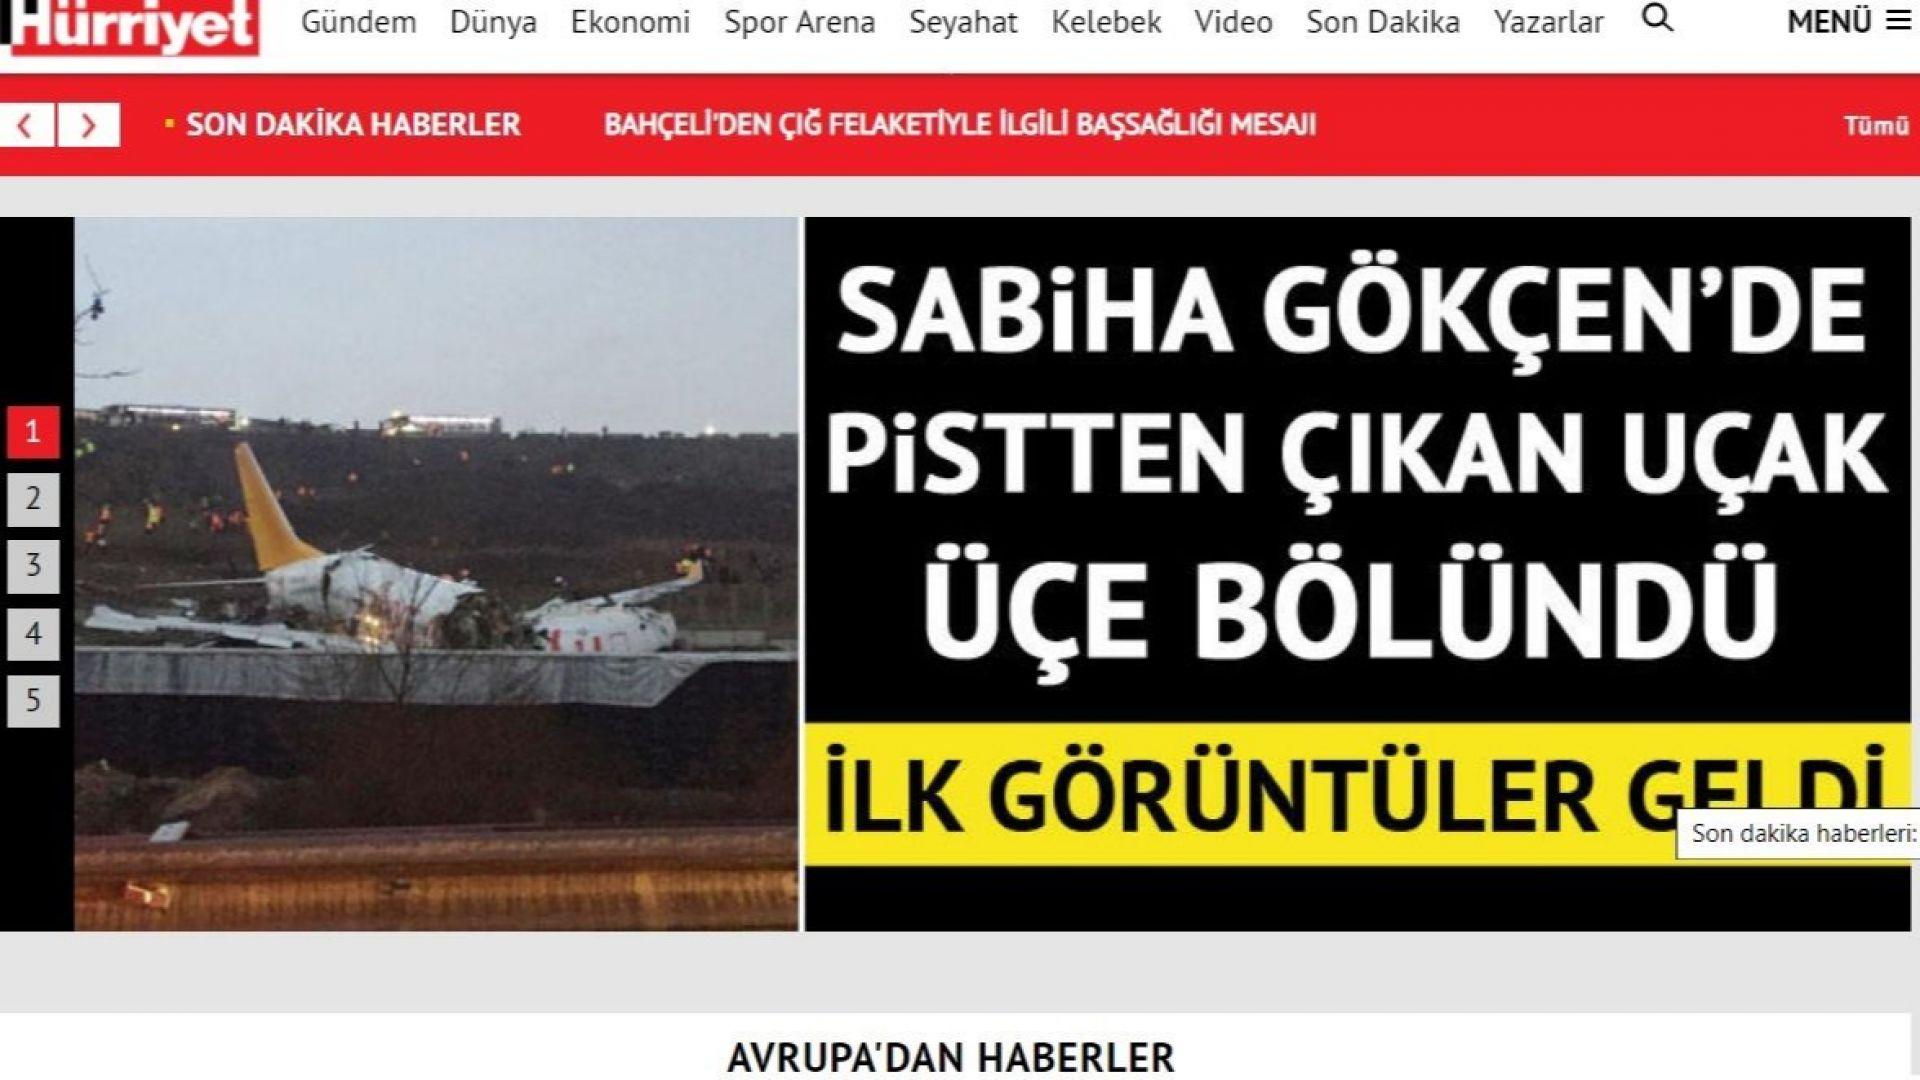 Самолет катастрофира на летище в Истанбул, съобщават вестник